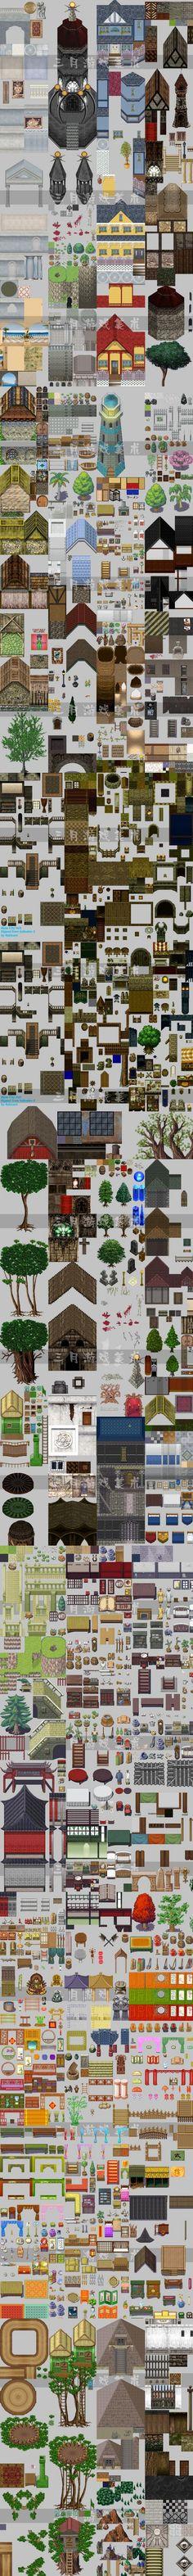 游戏美术素材像素风格场景修图素材合集 1...